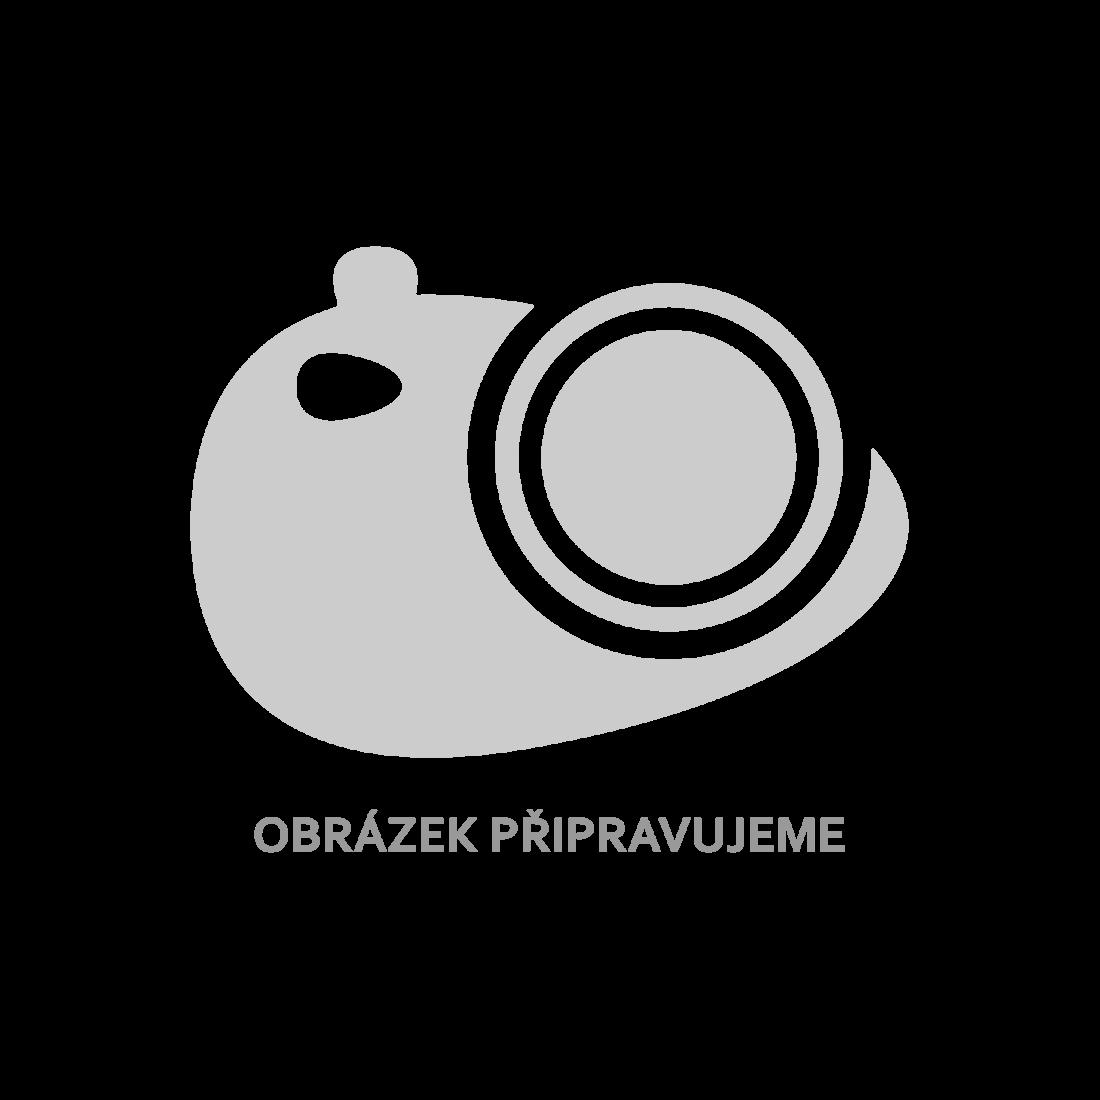 vidaXL Jídelní stůl 160 x 80 x 75 cm masivní hrubé mangovníkové dřevo [321563]